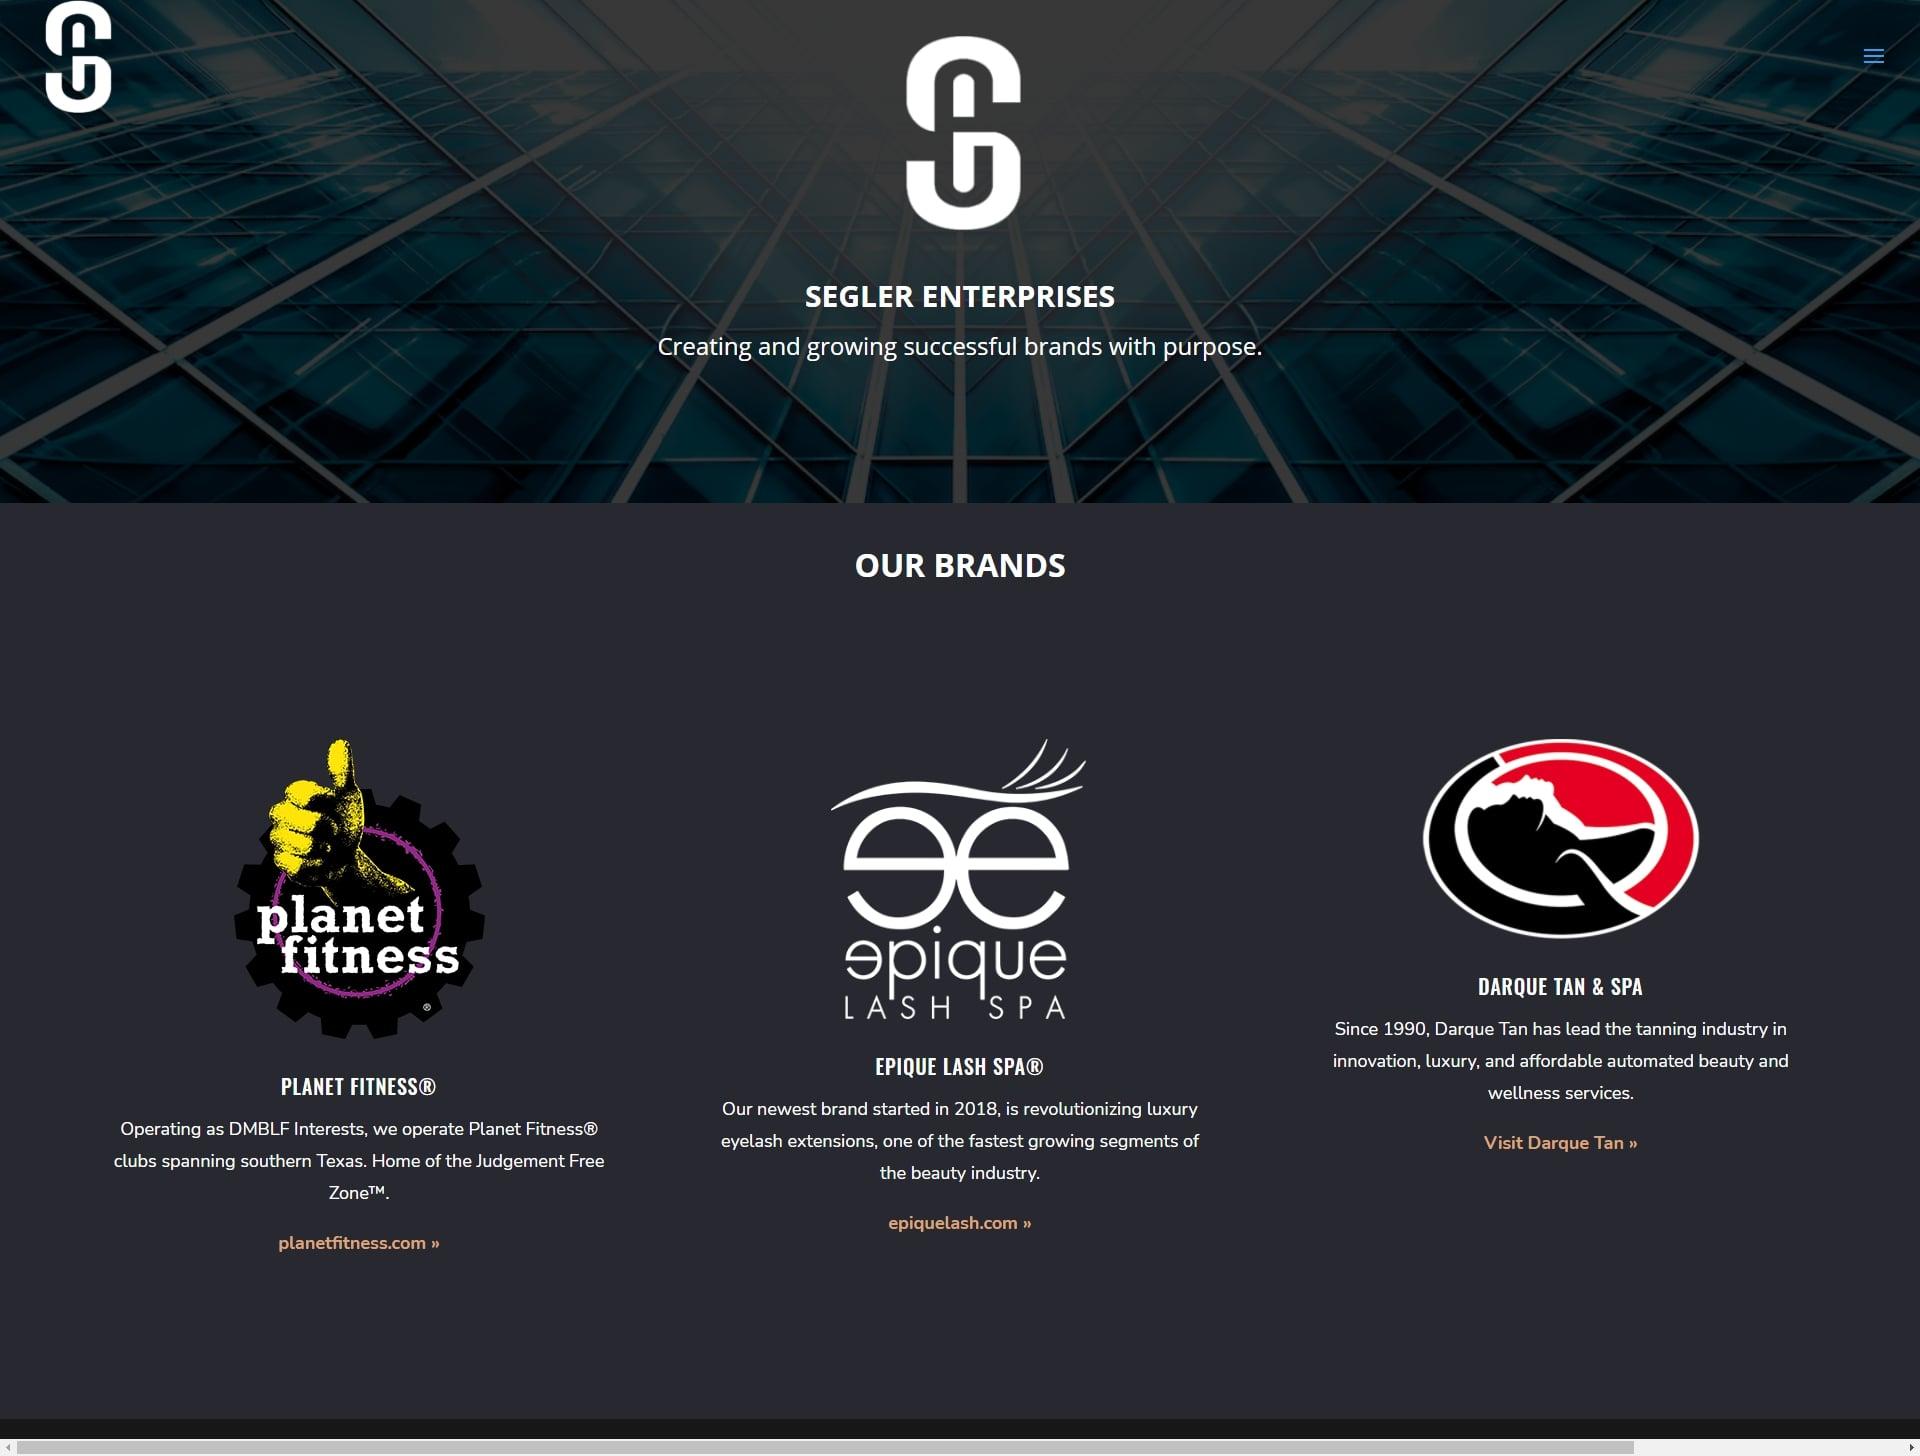 Segler Enterprises